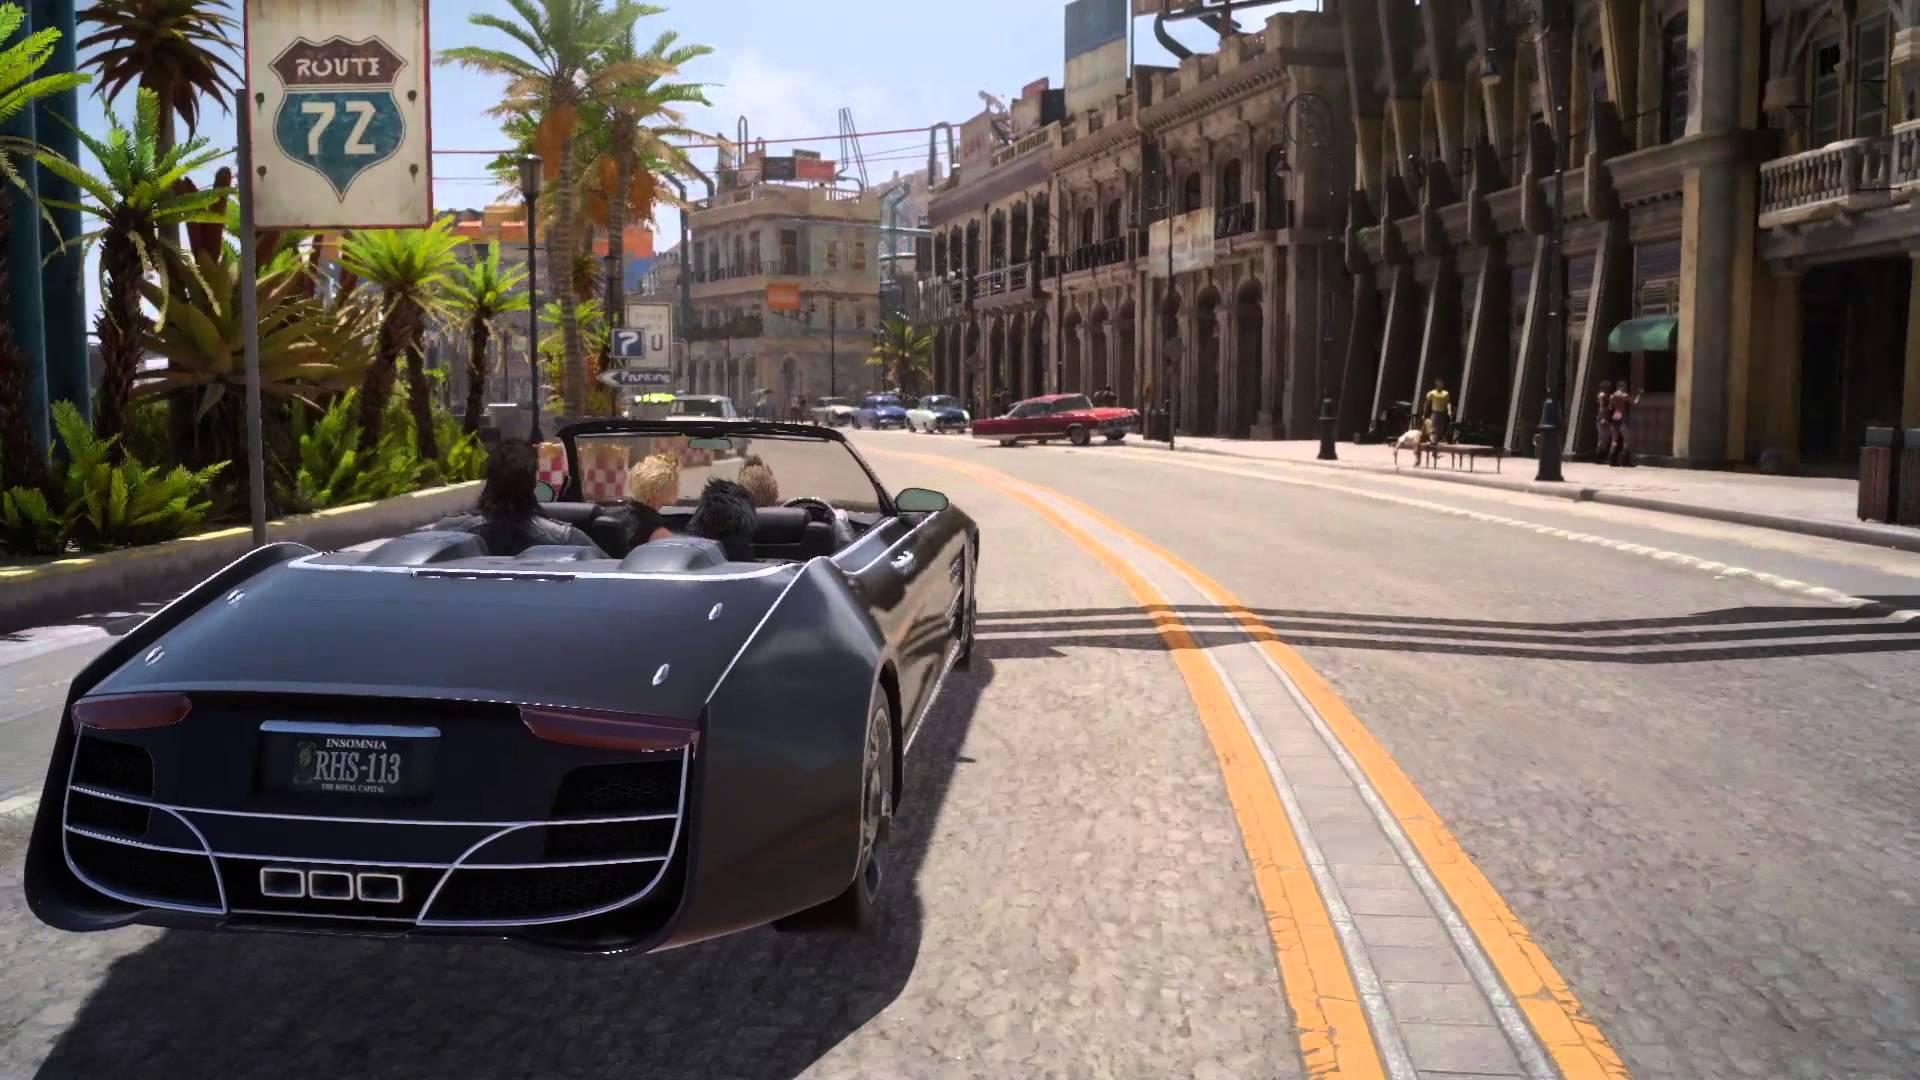 『ファイナルファンタジーXV』田端Dより最新情報多数!最新トレーラーからカットされたシーンや開発途中の街を探索する動画も!